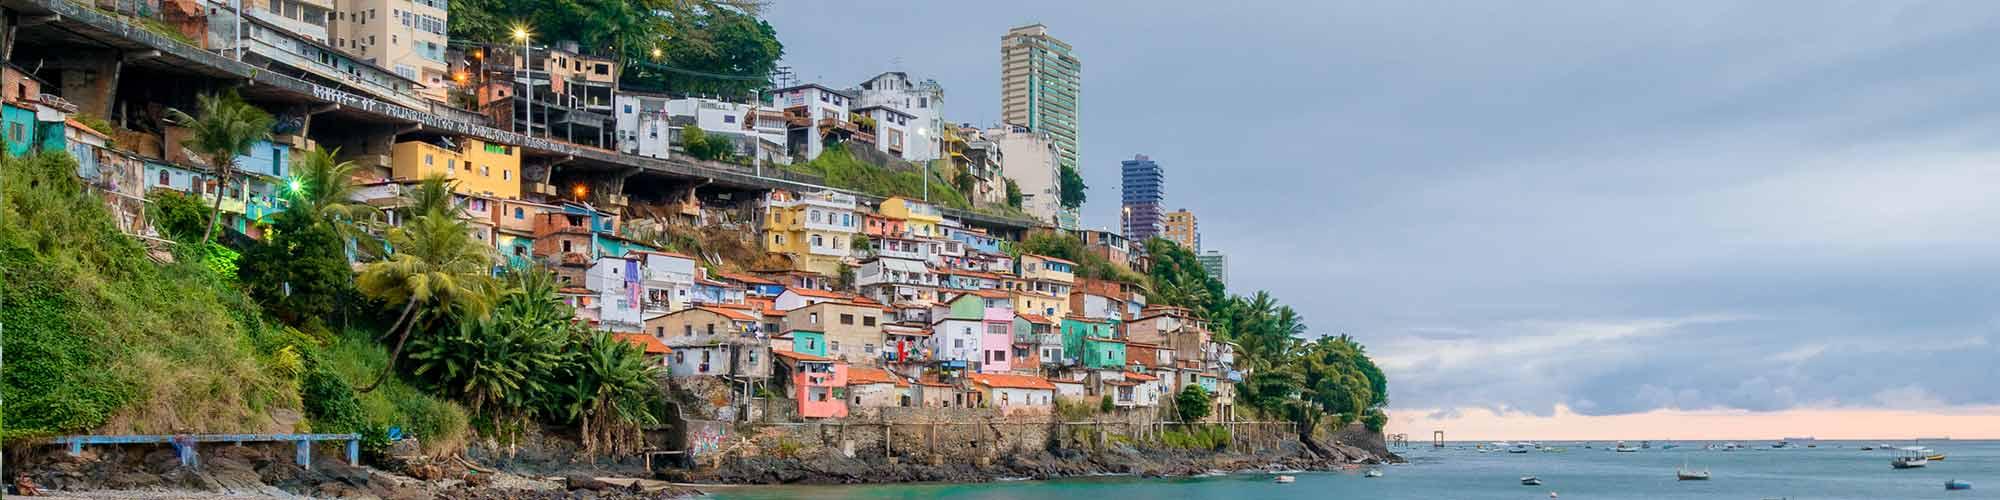 Bahía, una experiencia - El Pais Viajes